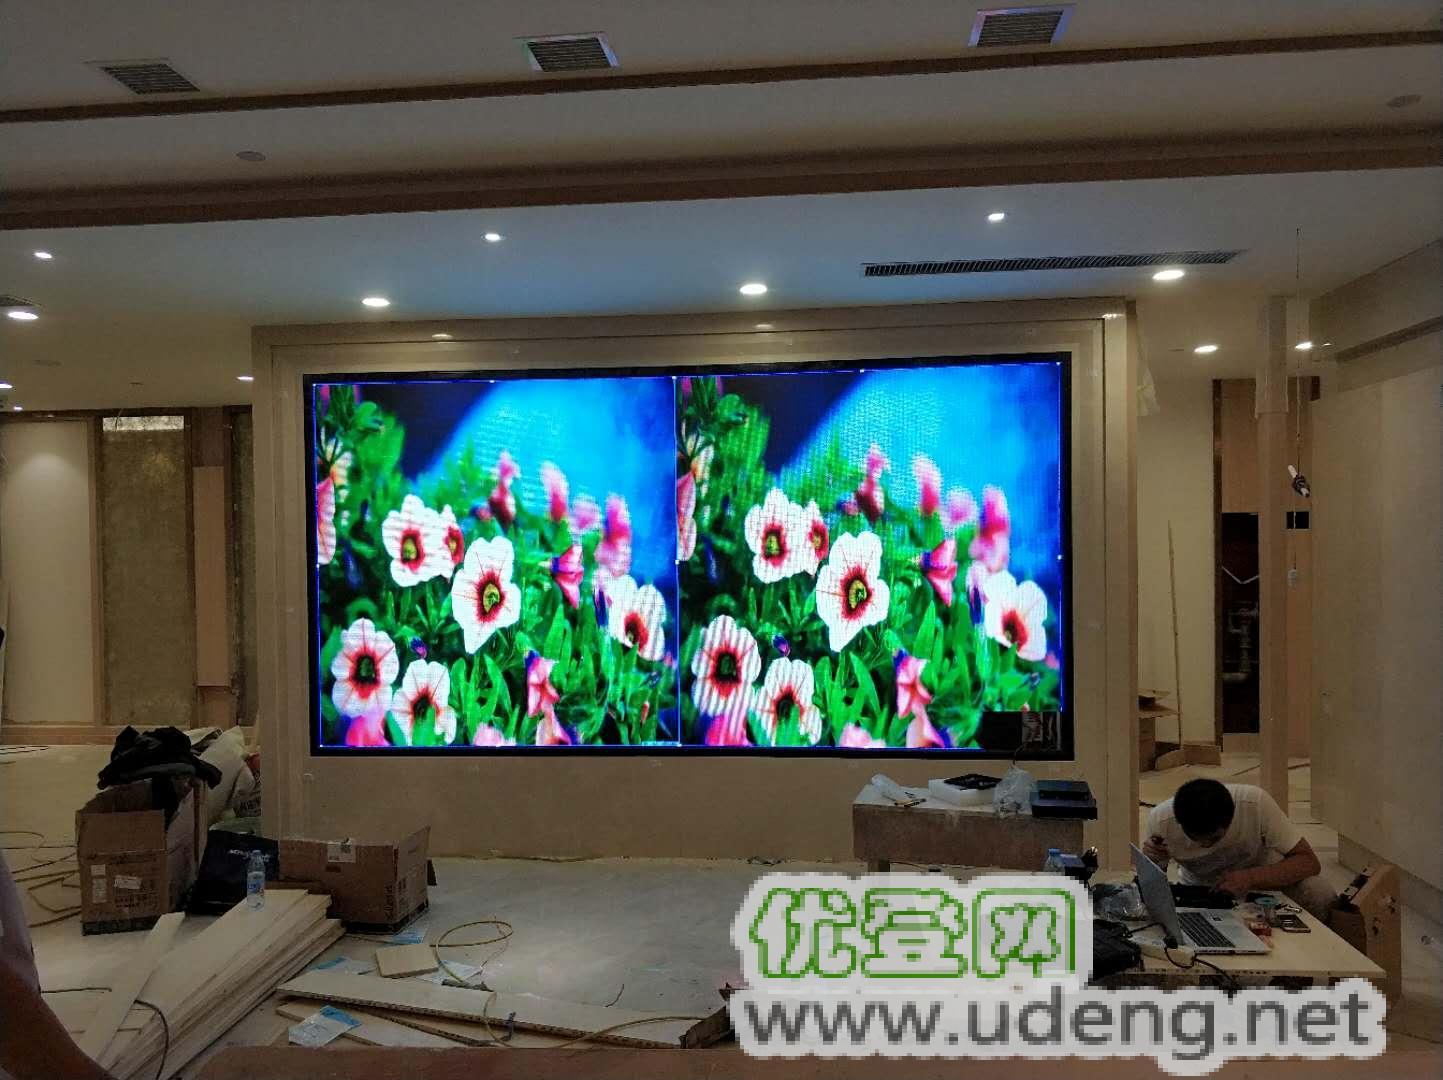 LED 显示屏 大屏幕 电子屏 大电视 会标屏 全彩屏 小间距屏